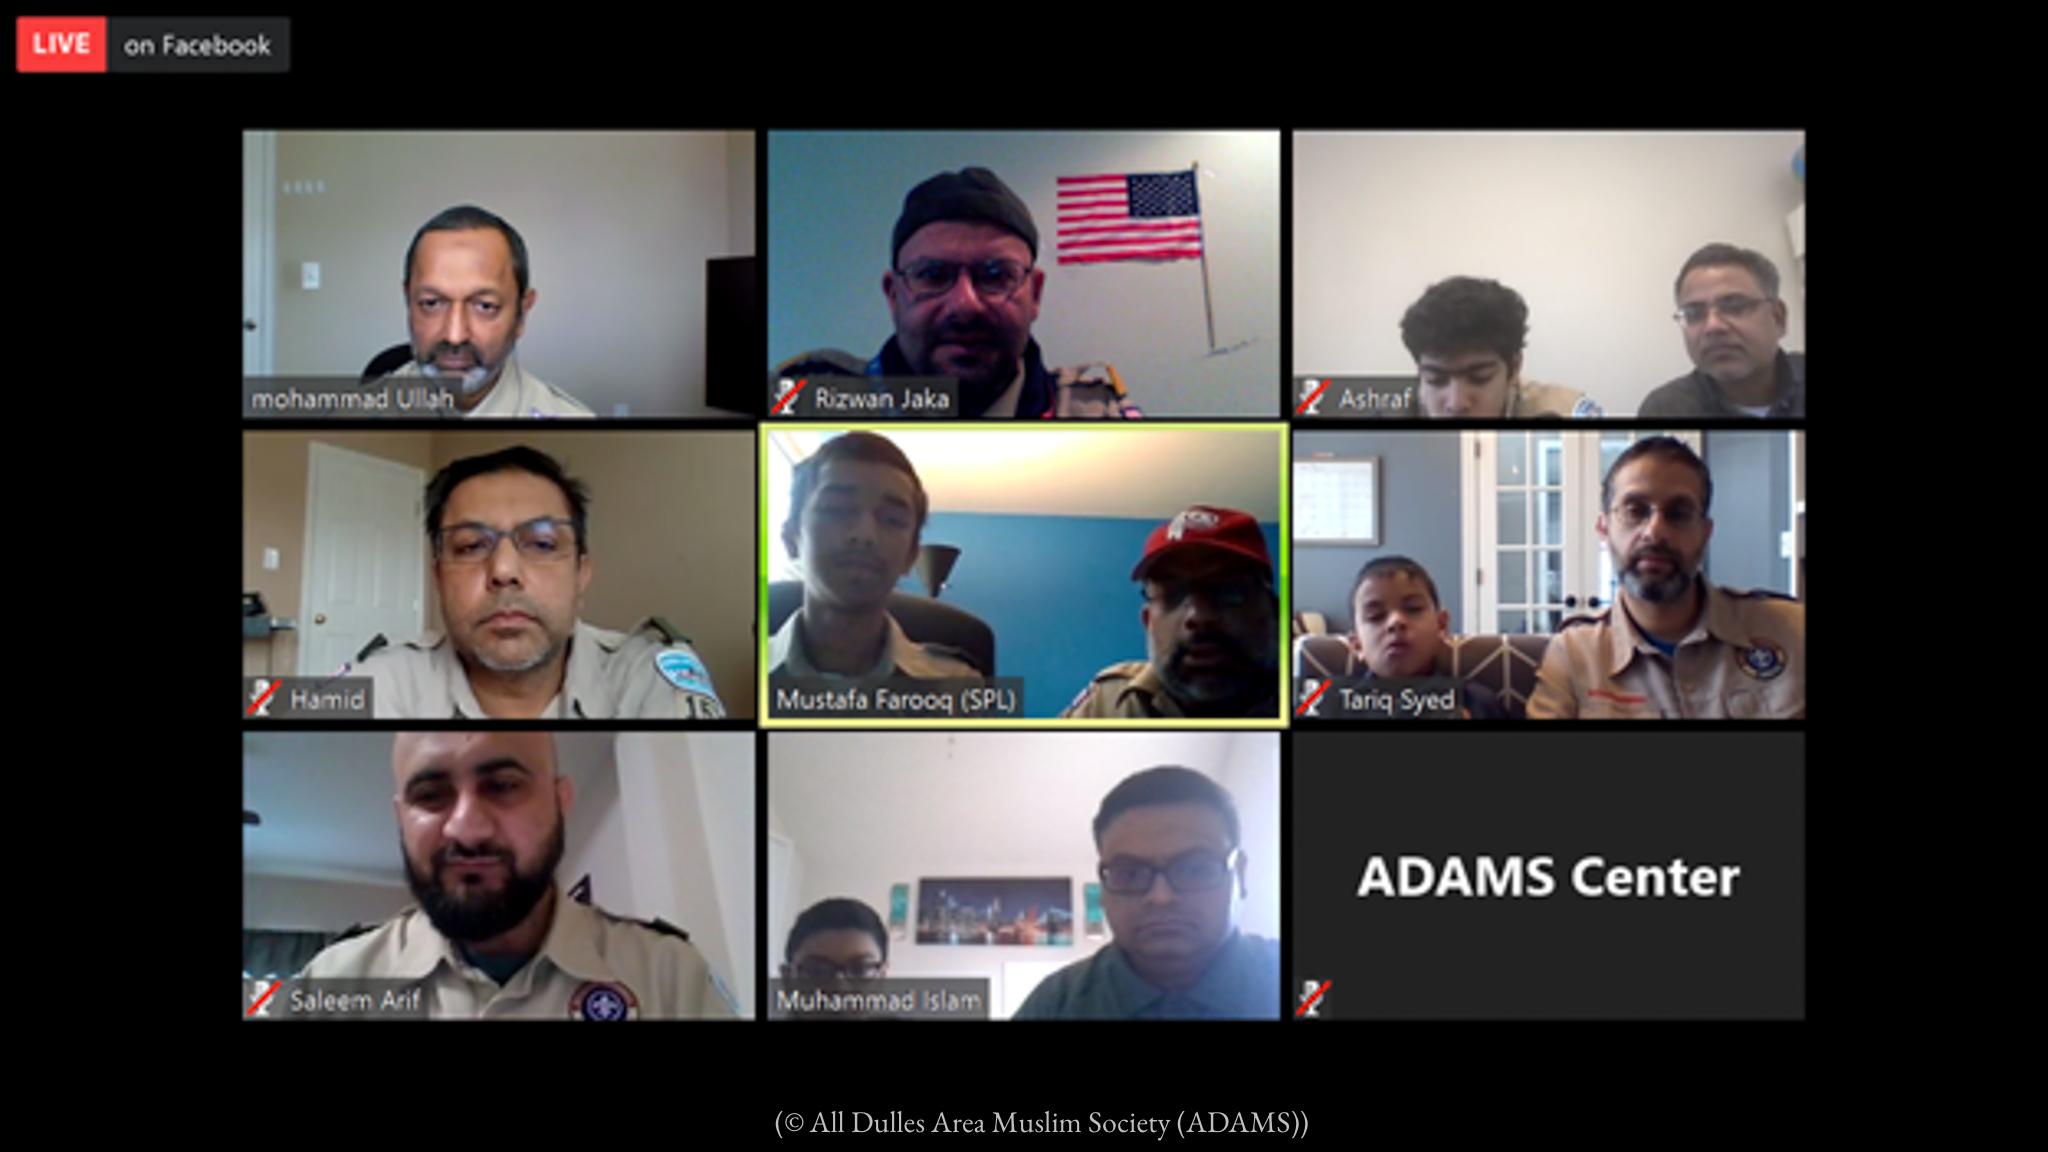 Múltiples pantallas que muestran a hombres y niños comunicándose en línea (© Sociedad Musulmana del Área de Dulles (ADAMS))